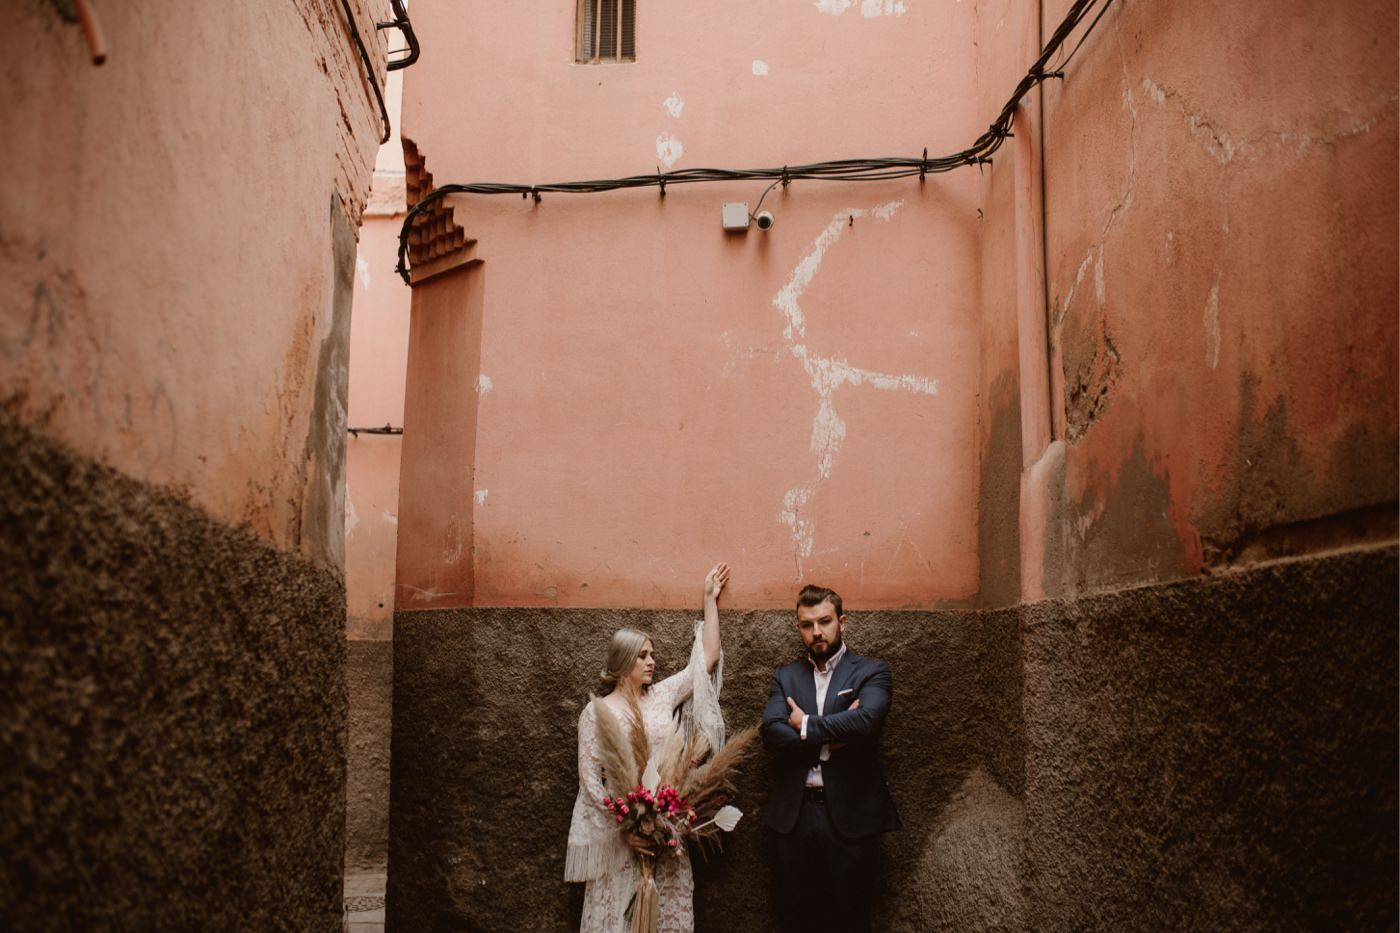 ewelina zieba marrakech sesja slubna 09